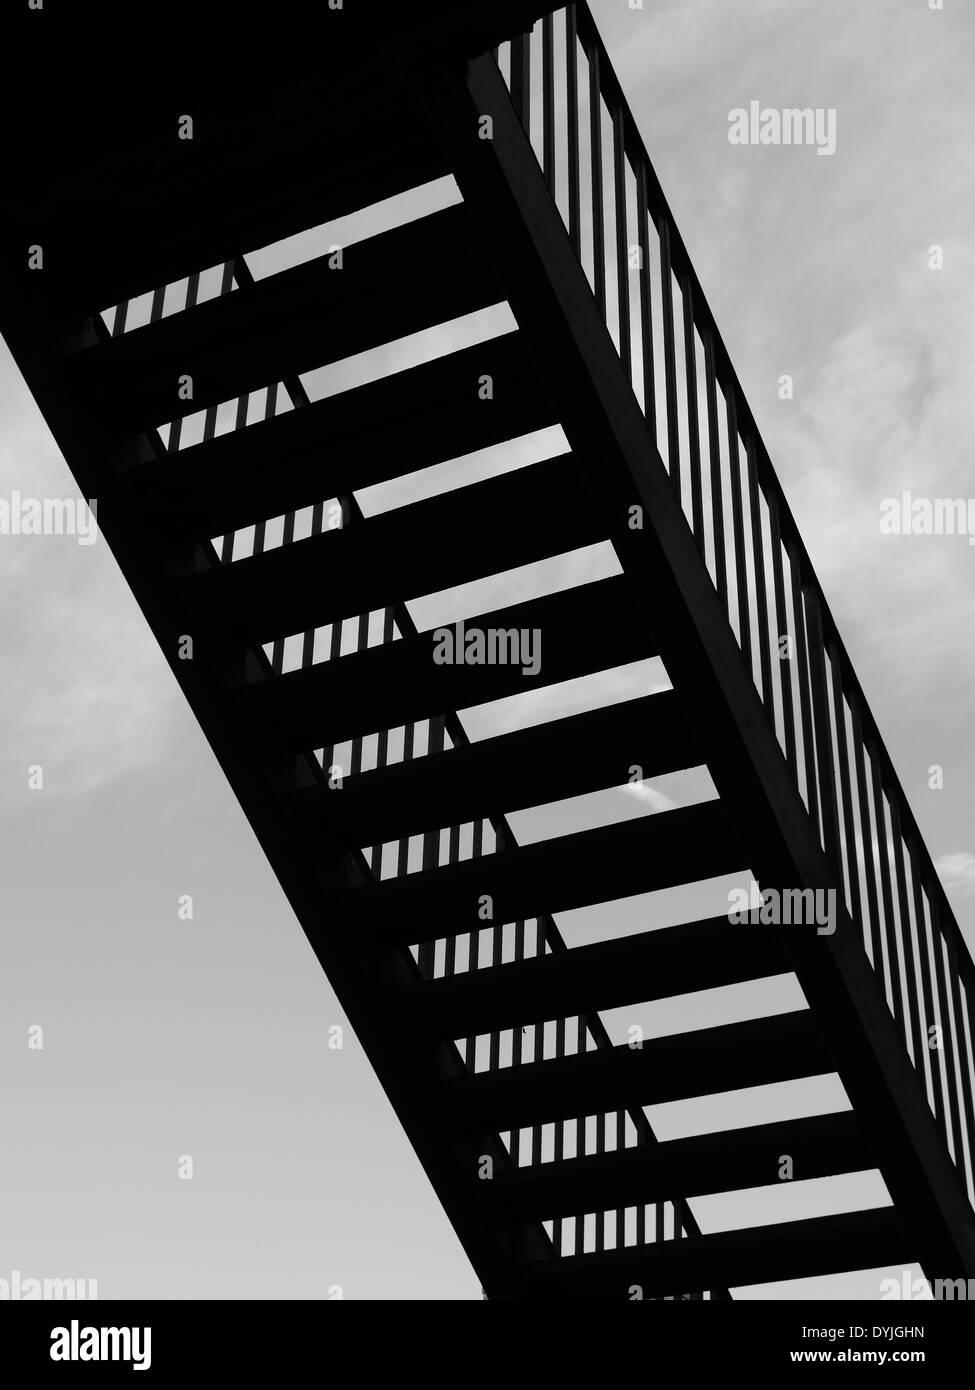 Imagen abstracta de escalera metálica en silueta - arte / estilo creativo Imagen De Stock